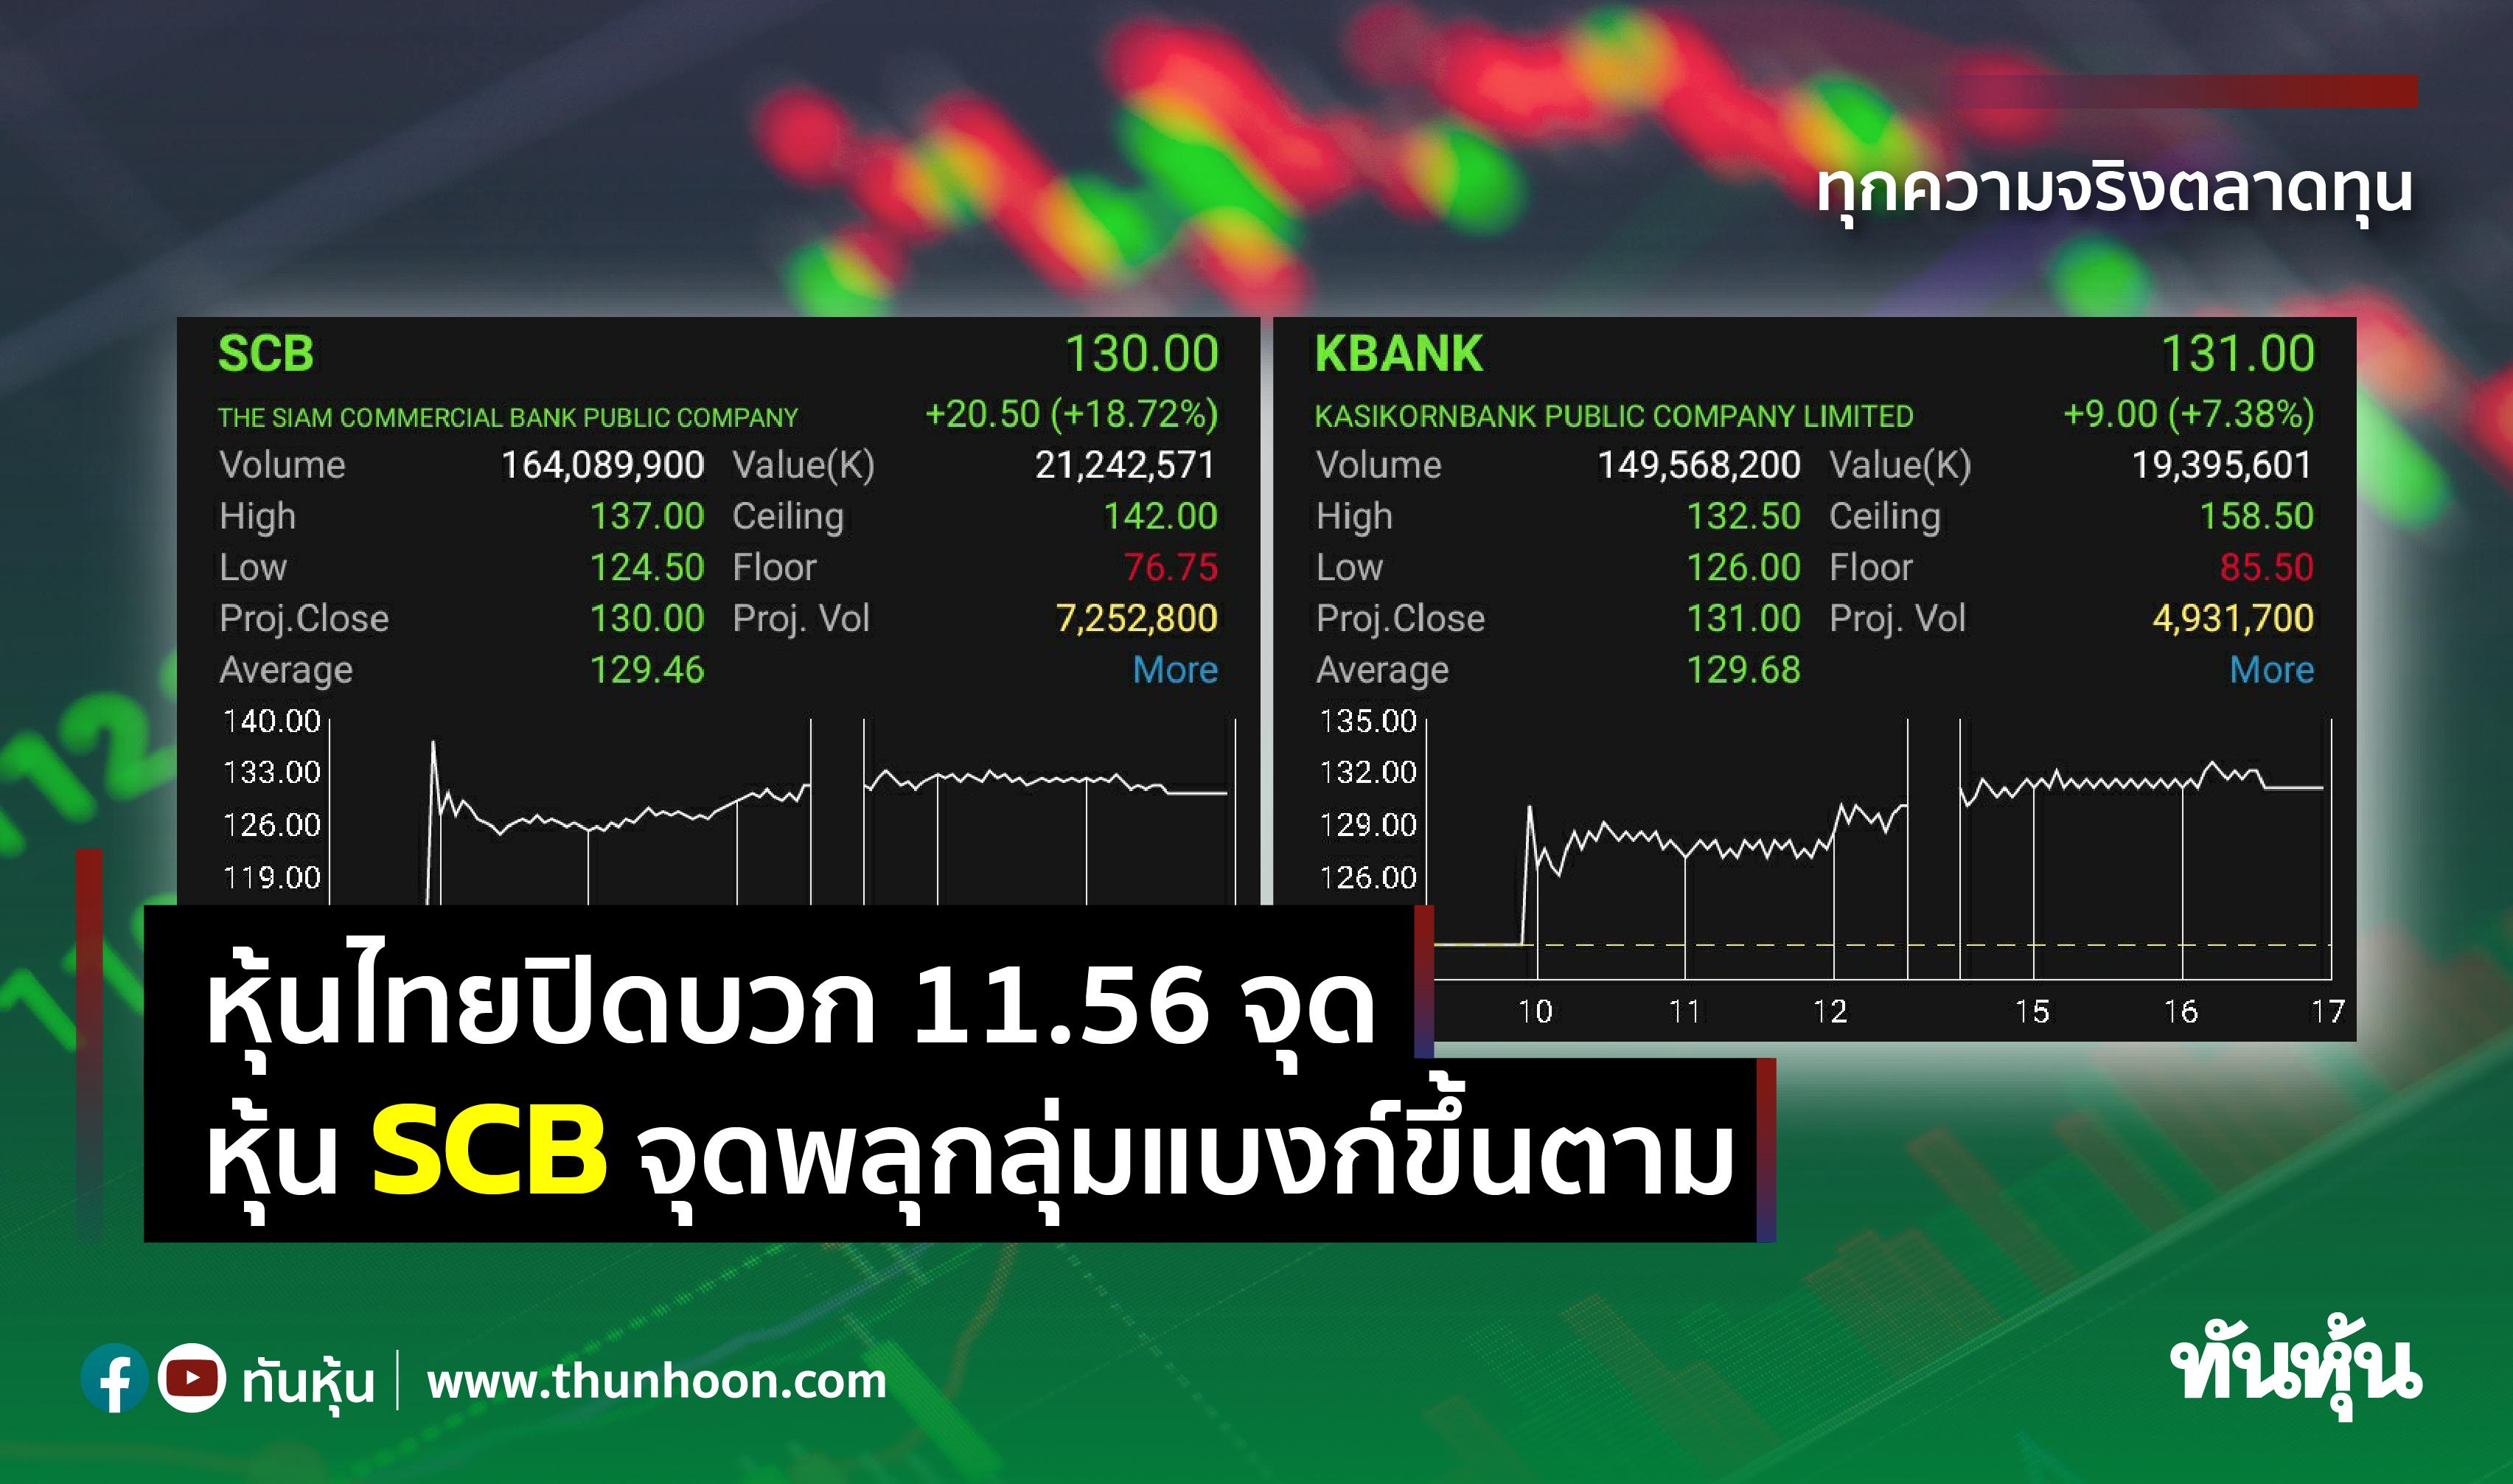 ดัชนีหุ้นไทยปิดที่ 1,631.15 จุด หุ้น SCB จุดพลุกลุ่มแบงก์ขึ้นตาม